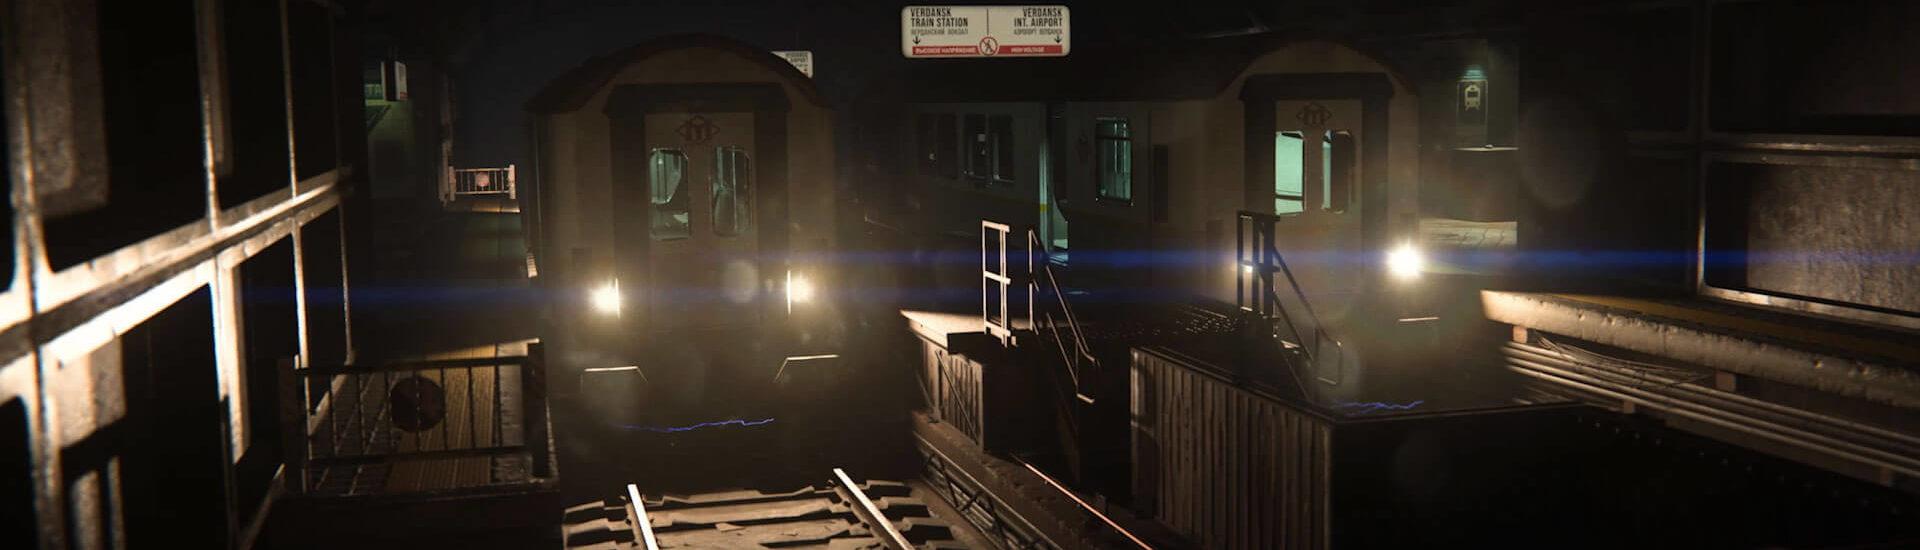 CoD Warzone: Schussverbot in der neuen U-Bahn